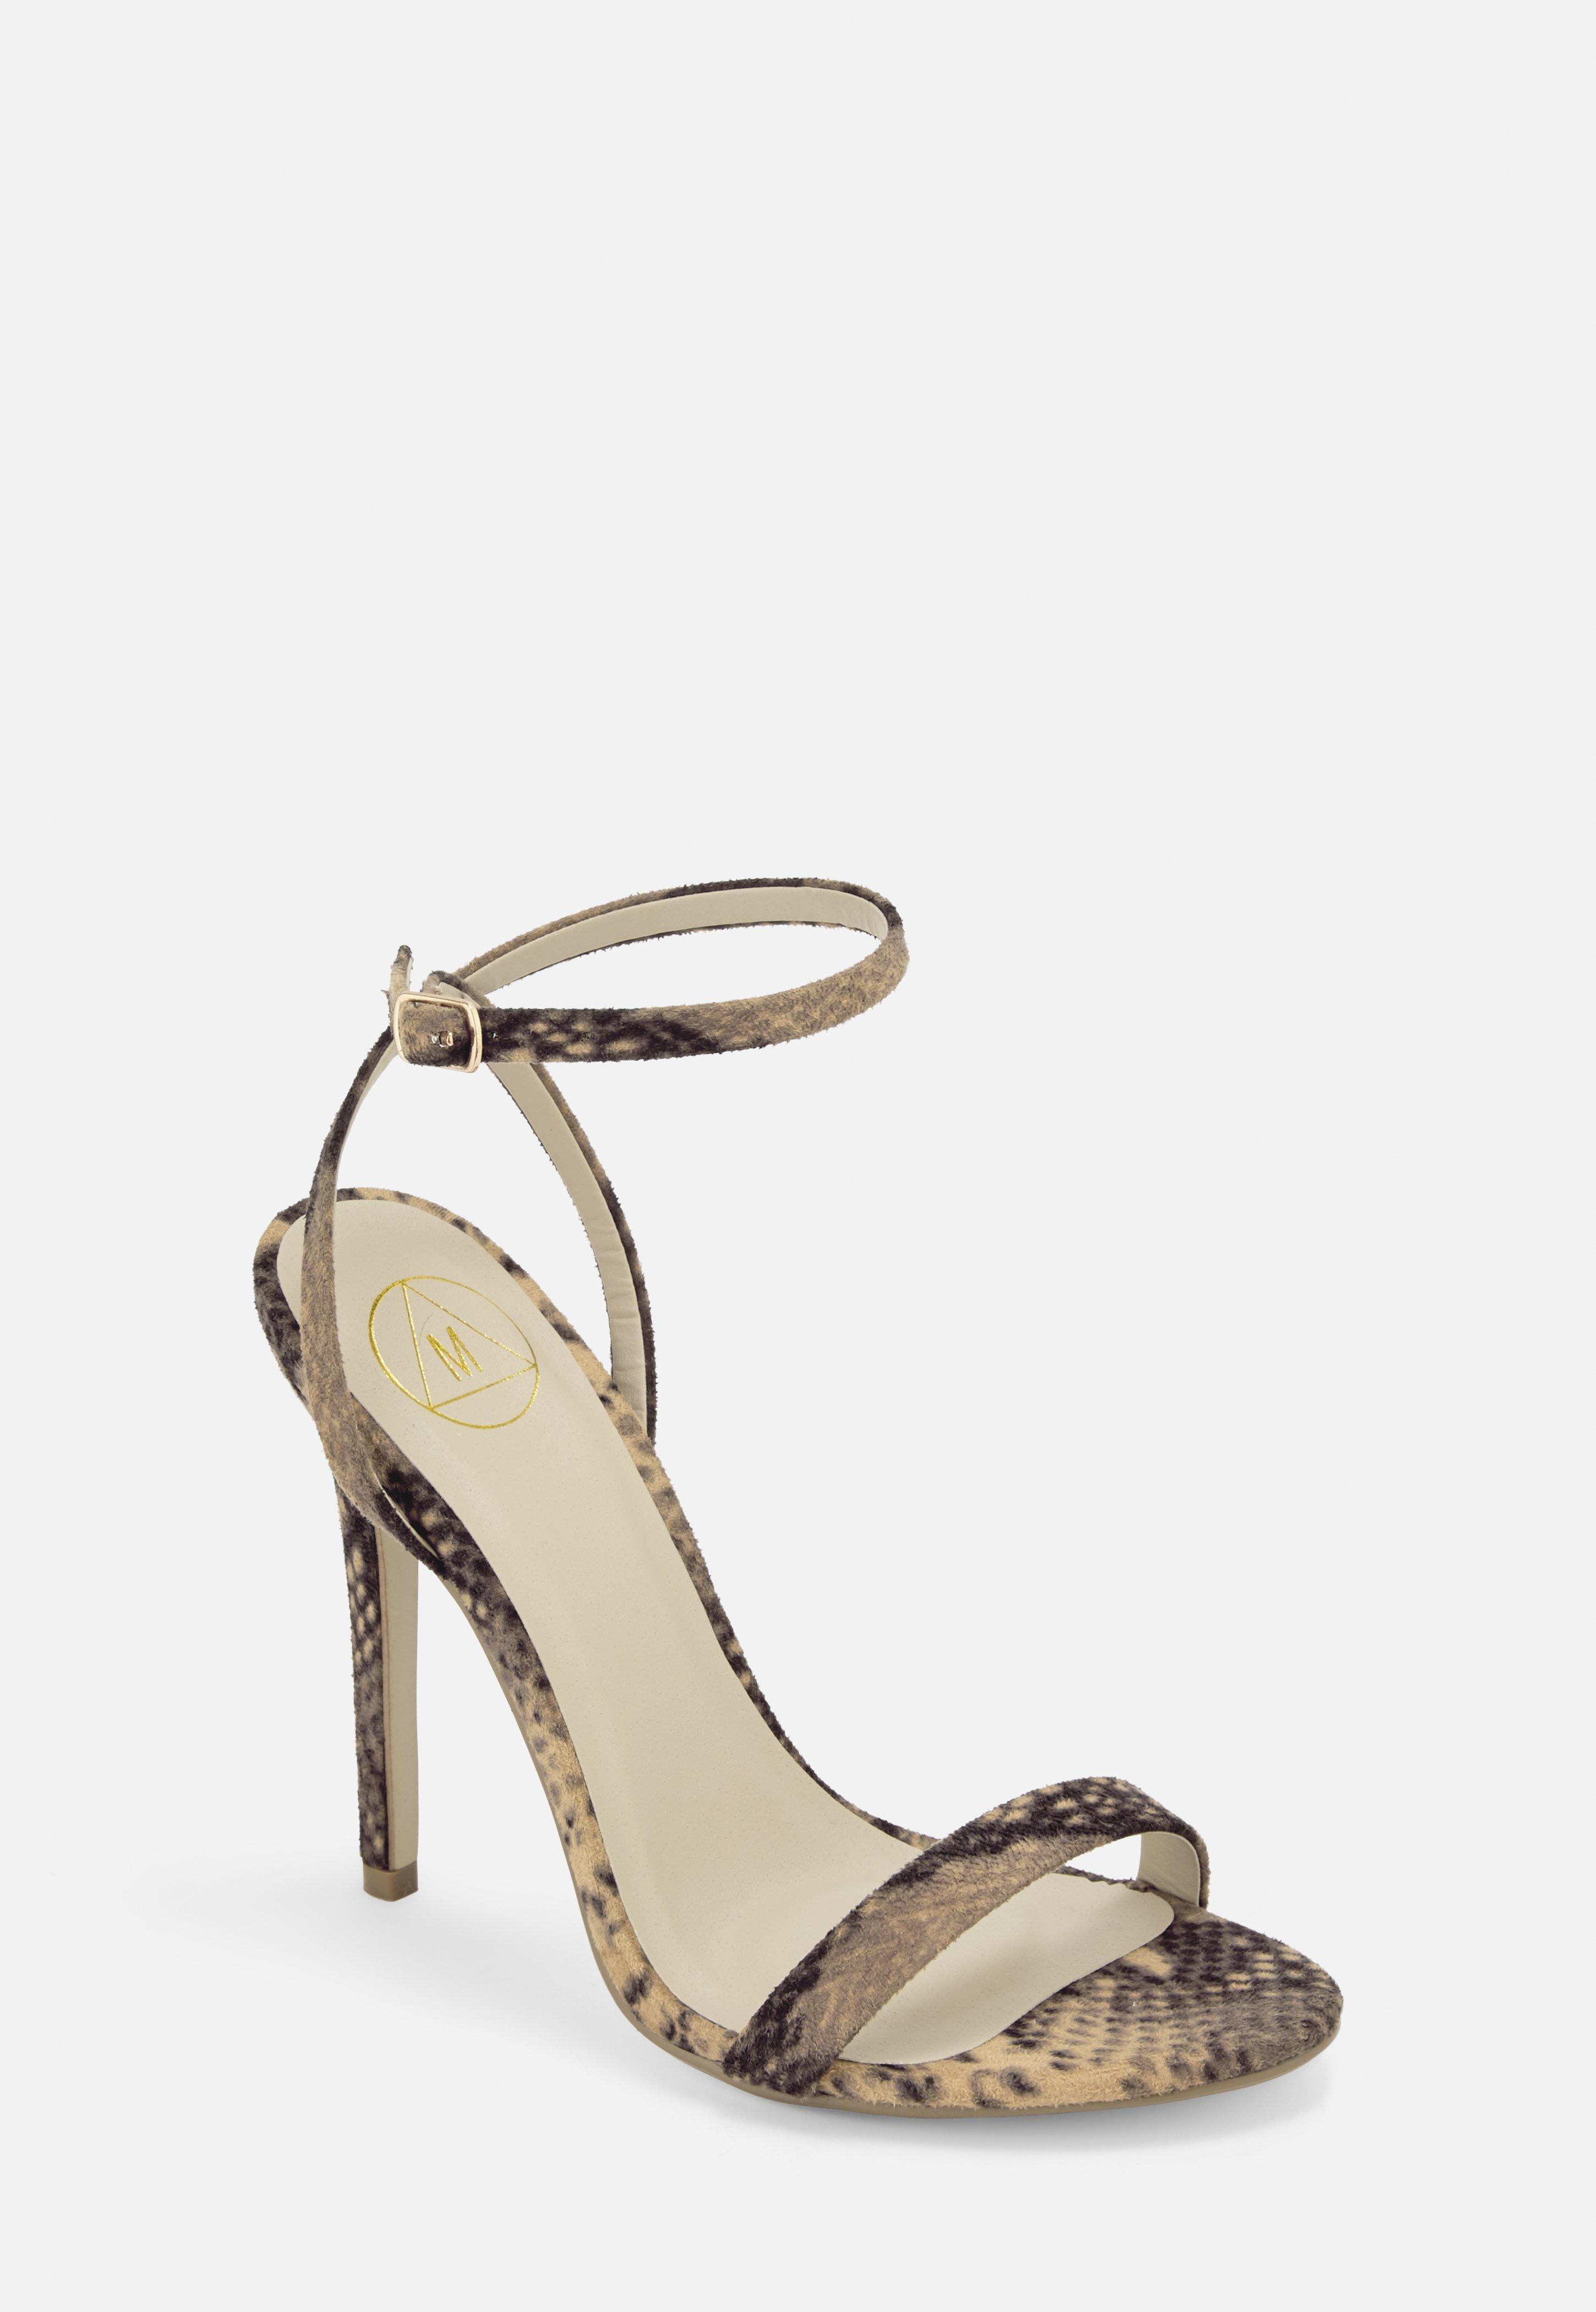 06b18e9c2 High Heels & Stilettos | Strappy Heels Online - Missguided